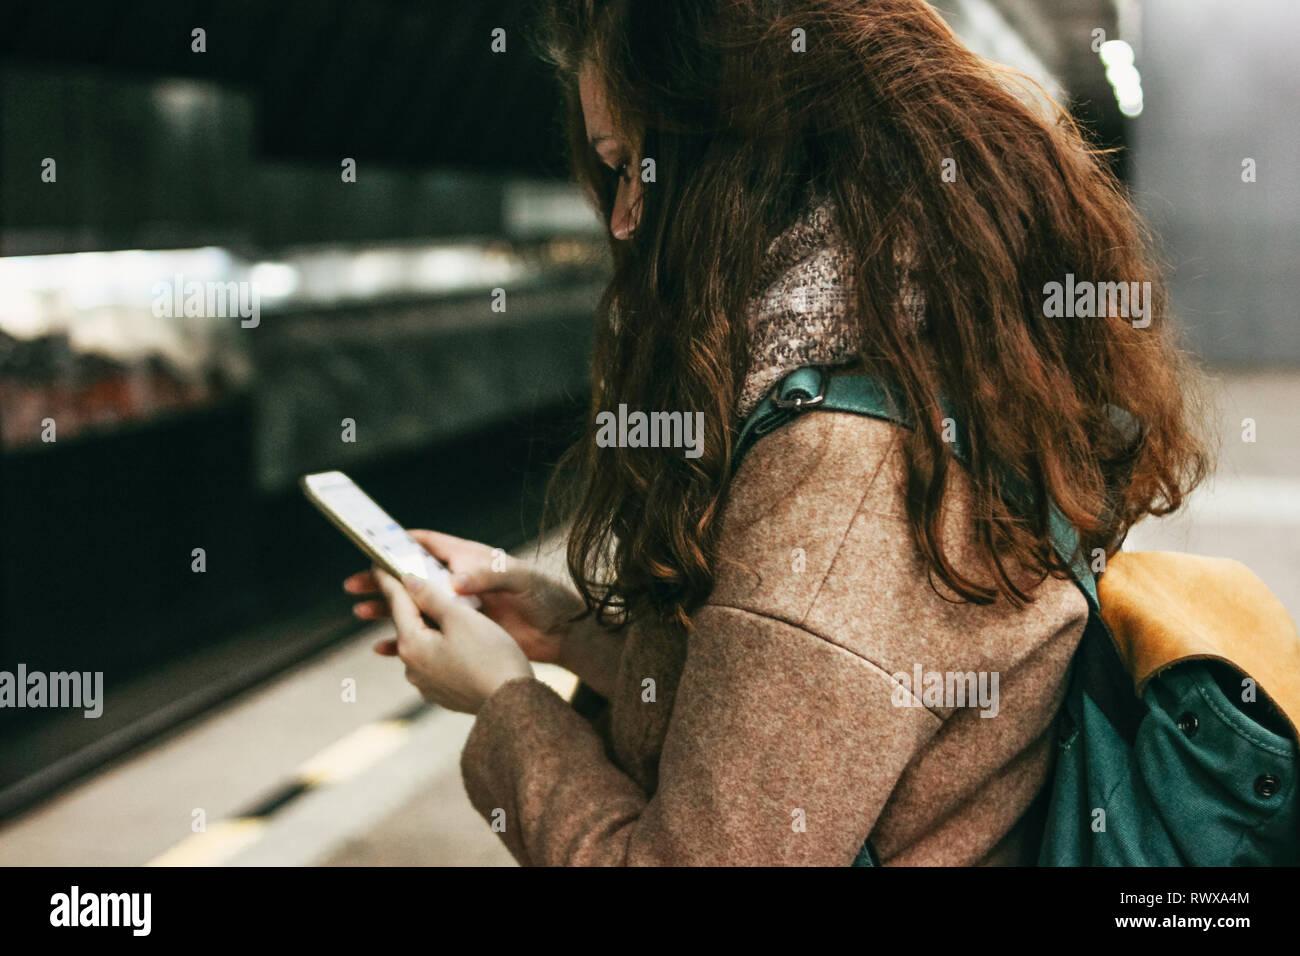 Giovane donna ricci testa rossa ragazza viaggiatori con zaino utilizzando mobile in metropolitana Foto Stock